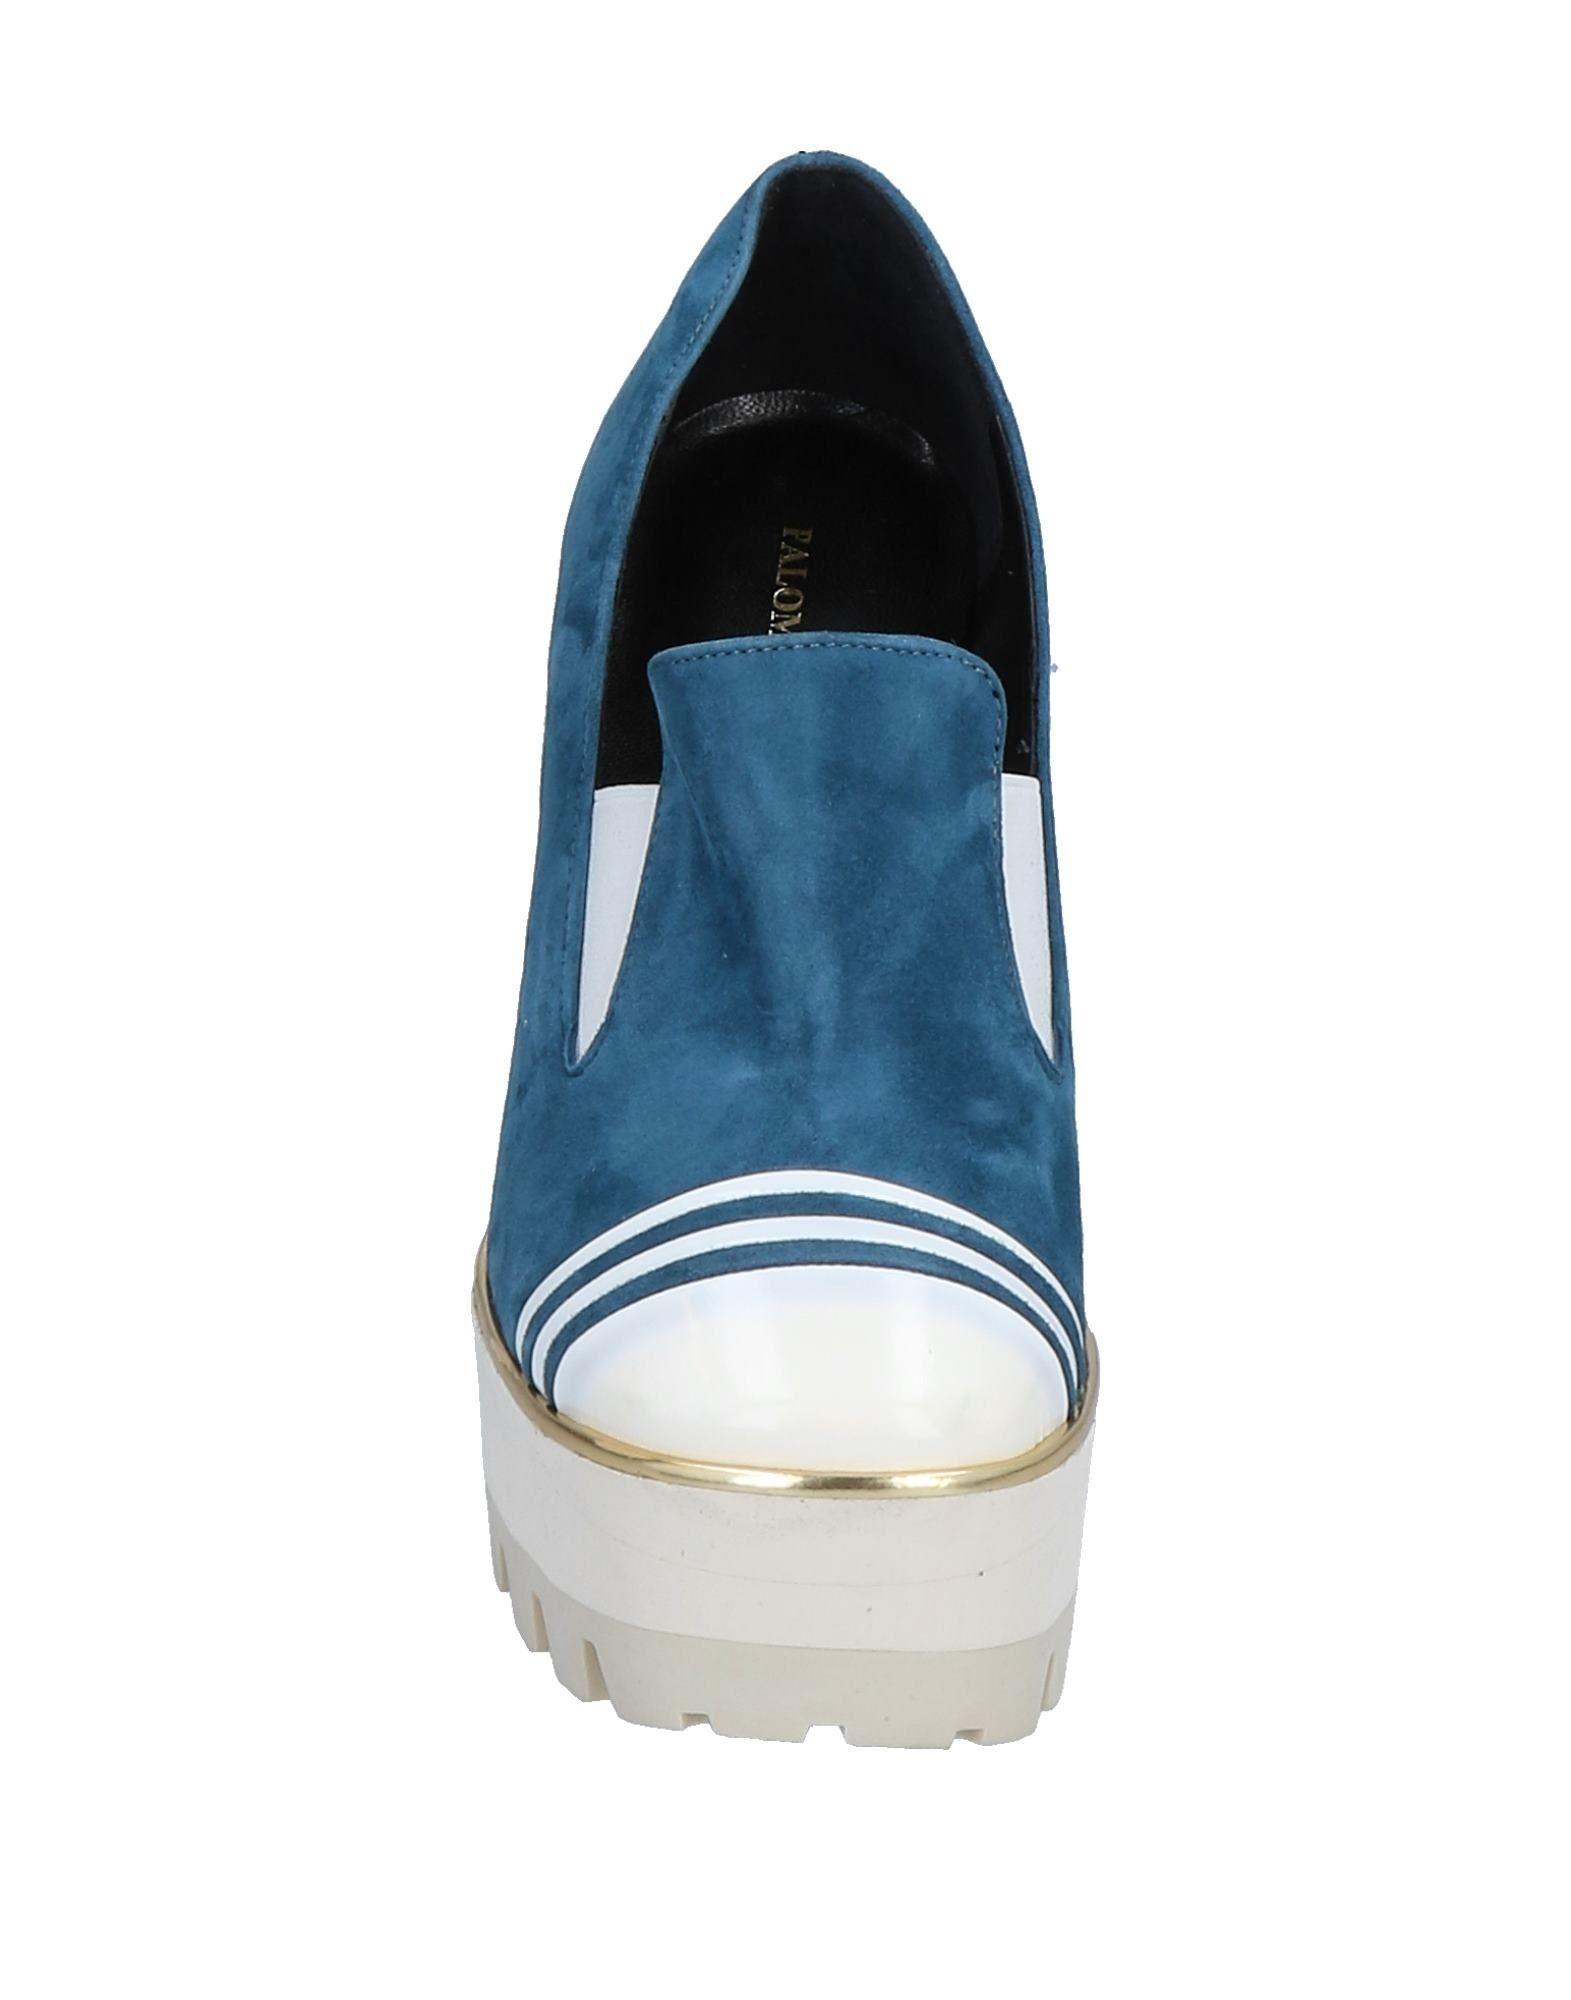 Stilvolle billige Schuhe Paloma  Barceló Stiefelette Damen  Paloma 44856680KU 4275a4